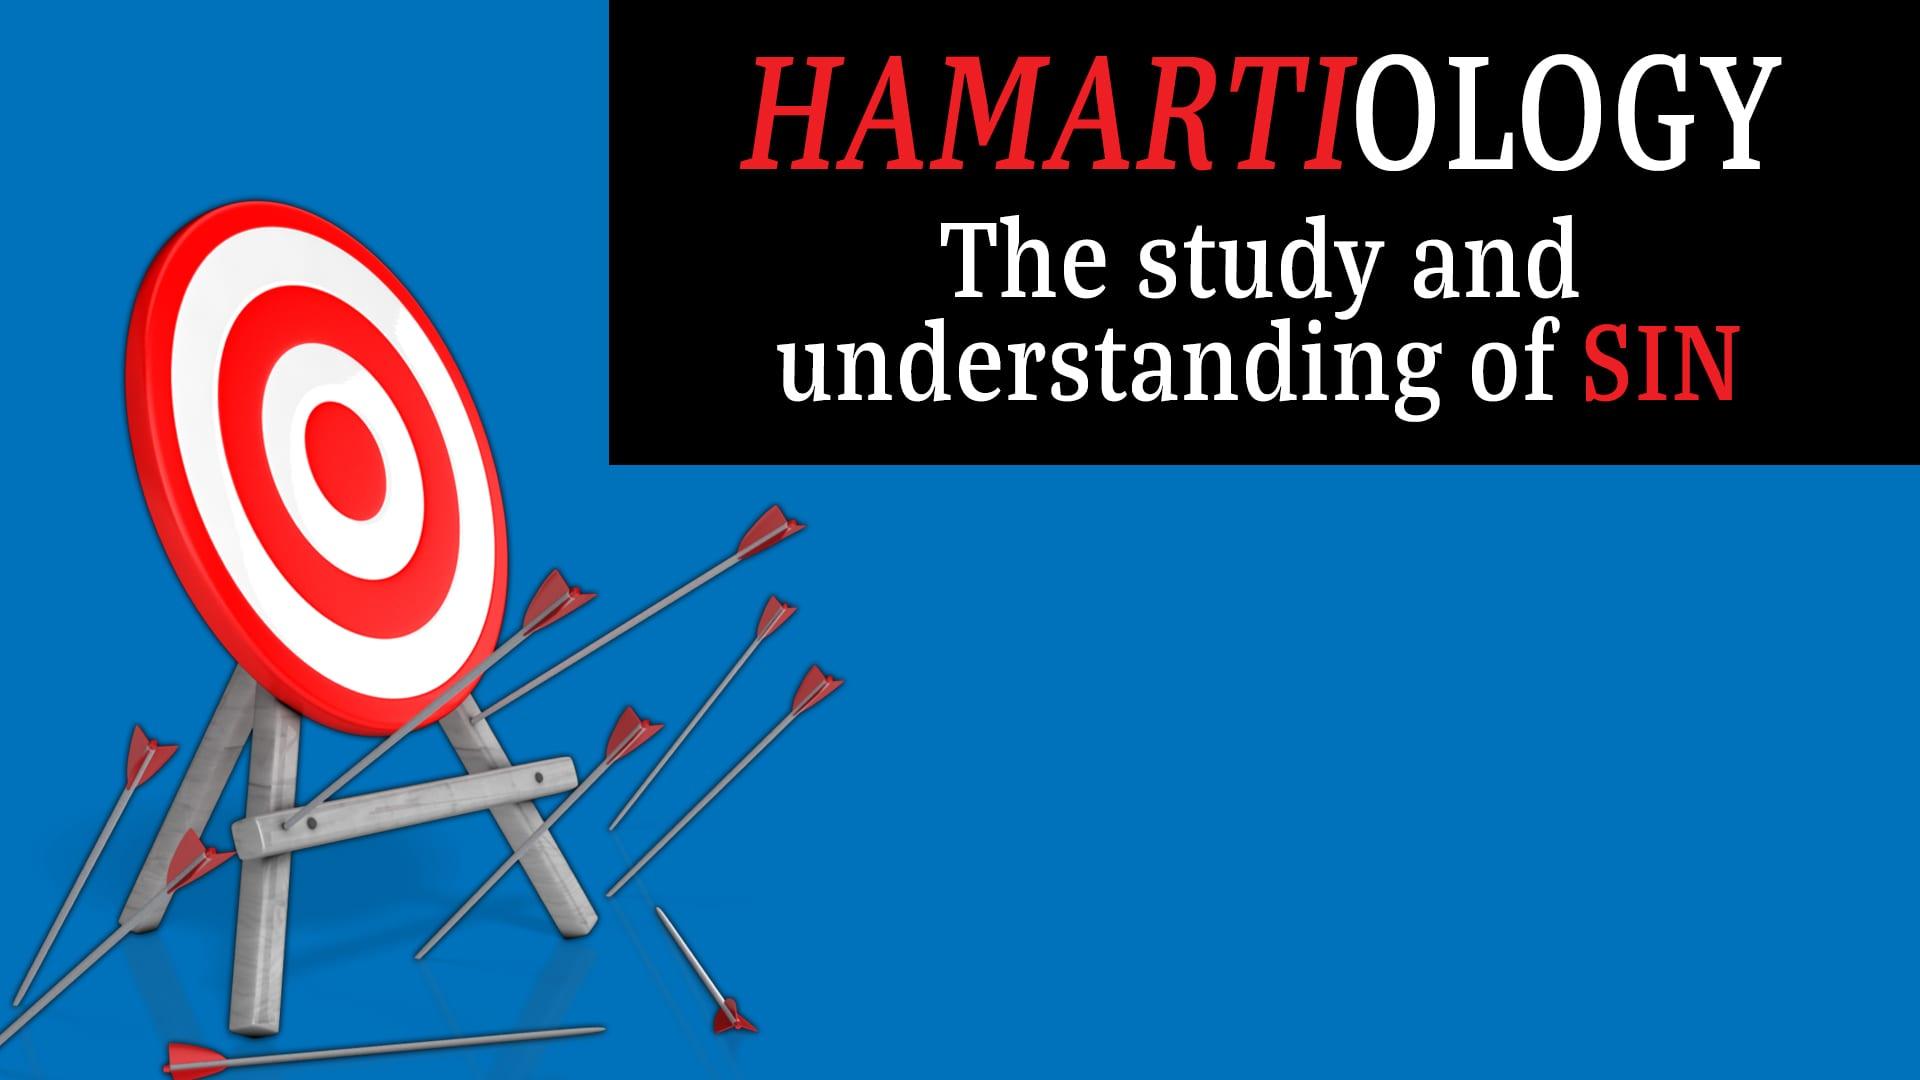 Hamartiology